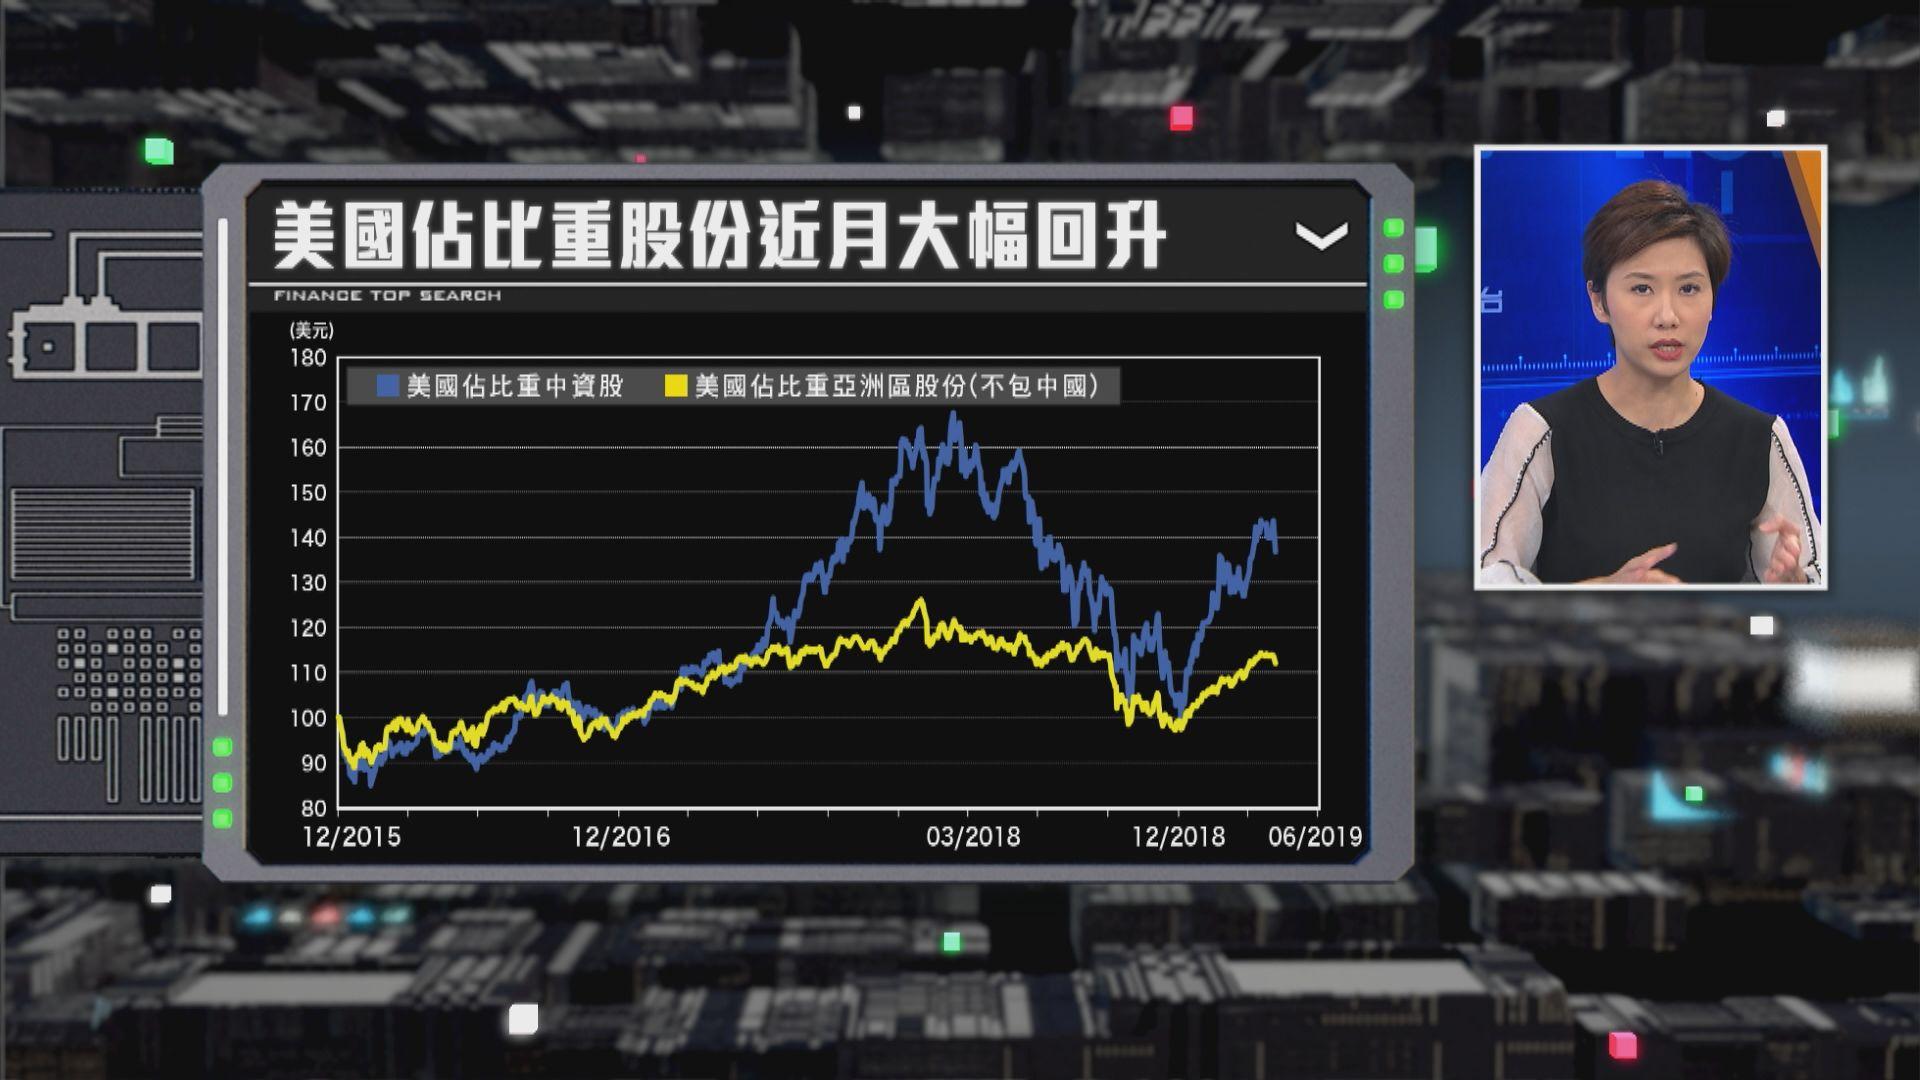 【財經TOP SEARCH】貿易戰大行揀股攻略